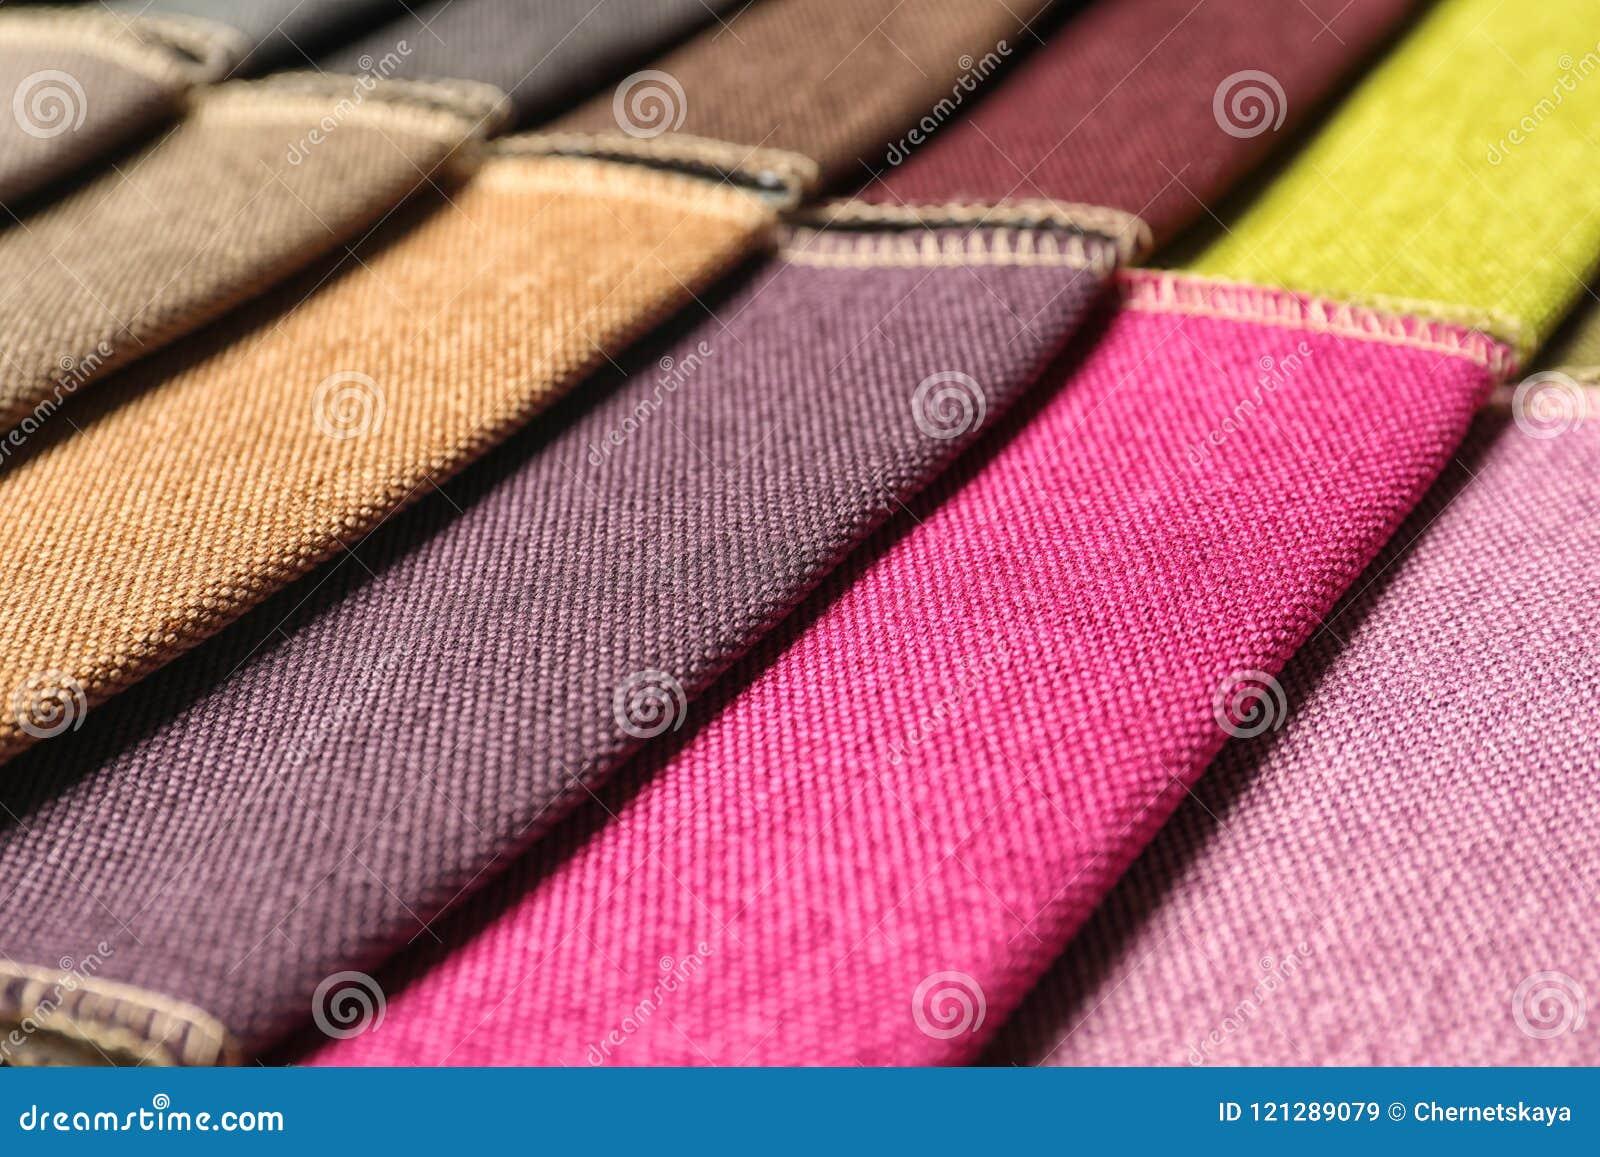 Gewebeproben von verschiedenen Farben für Innenarchitektur